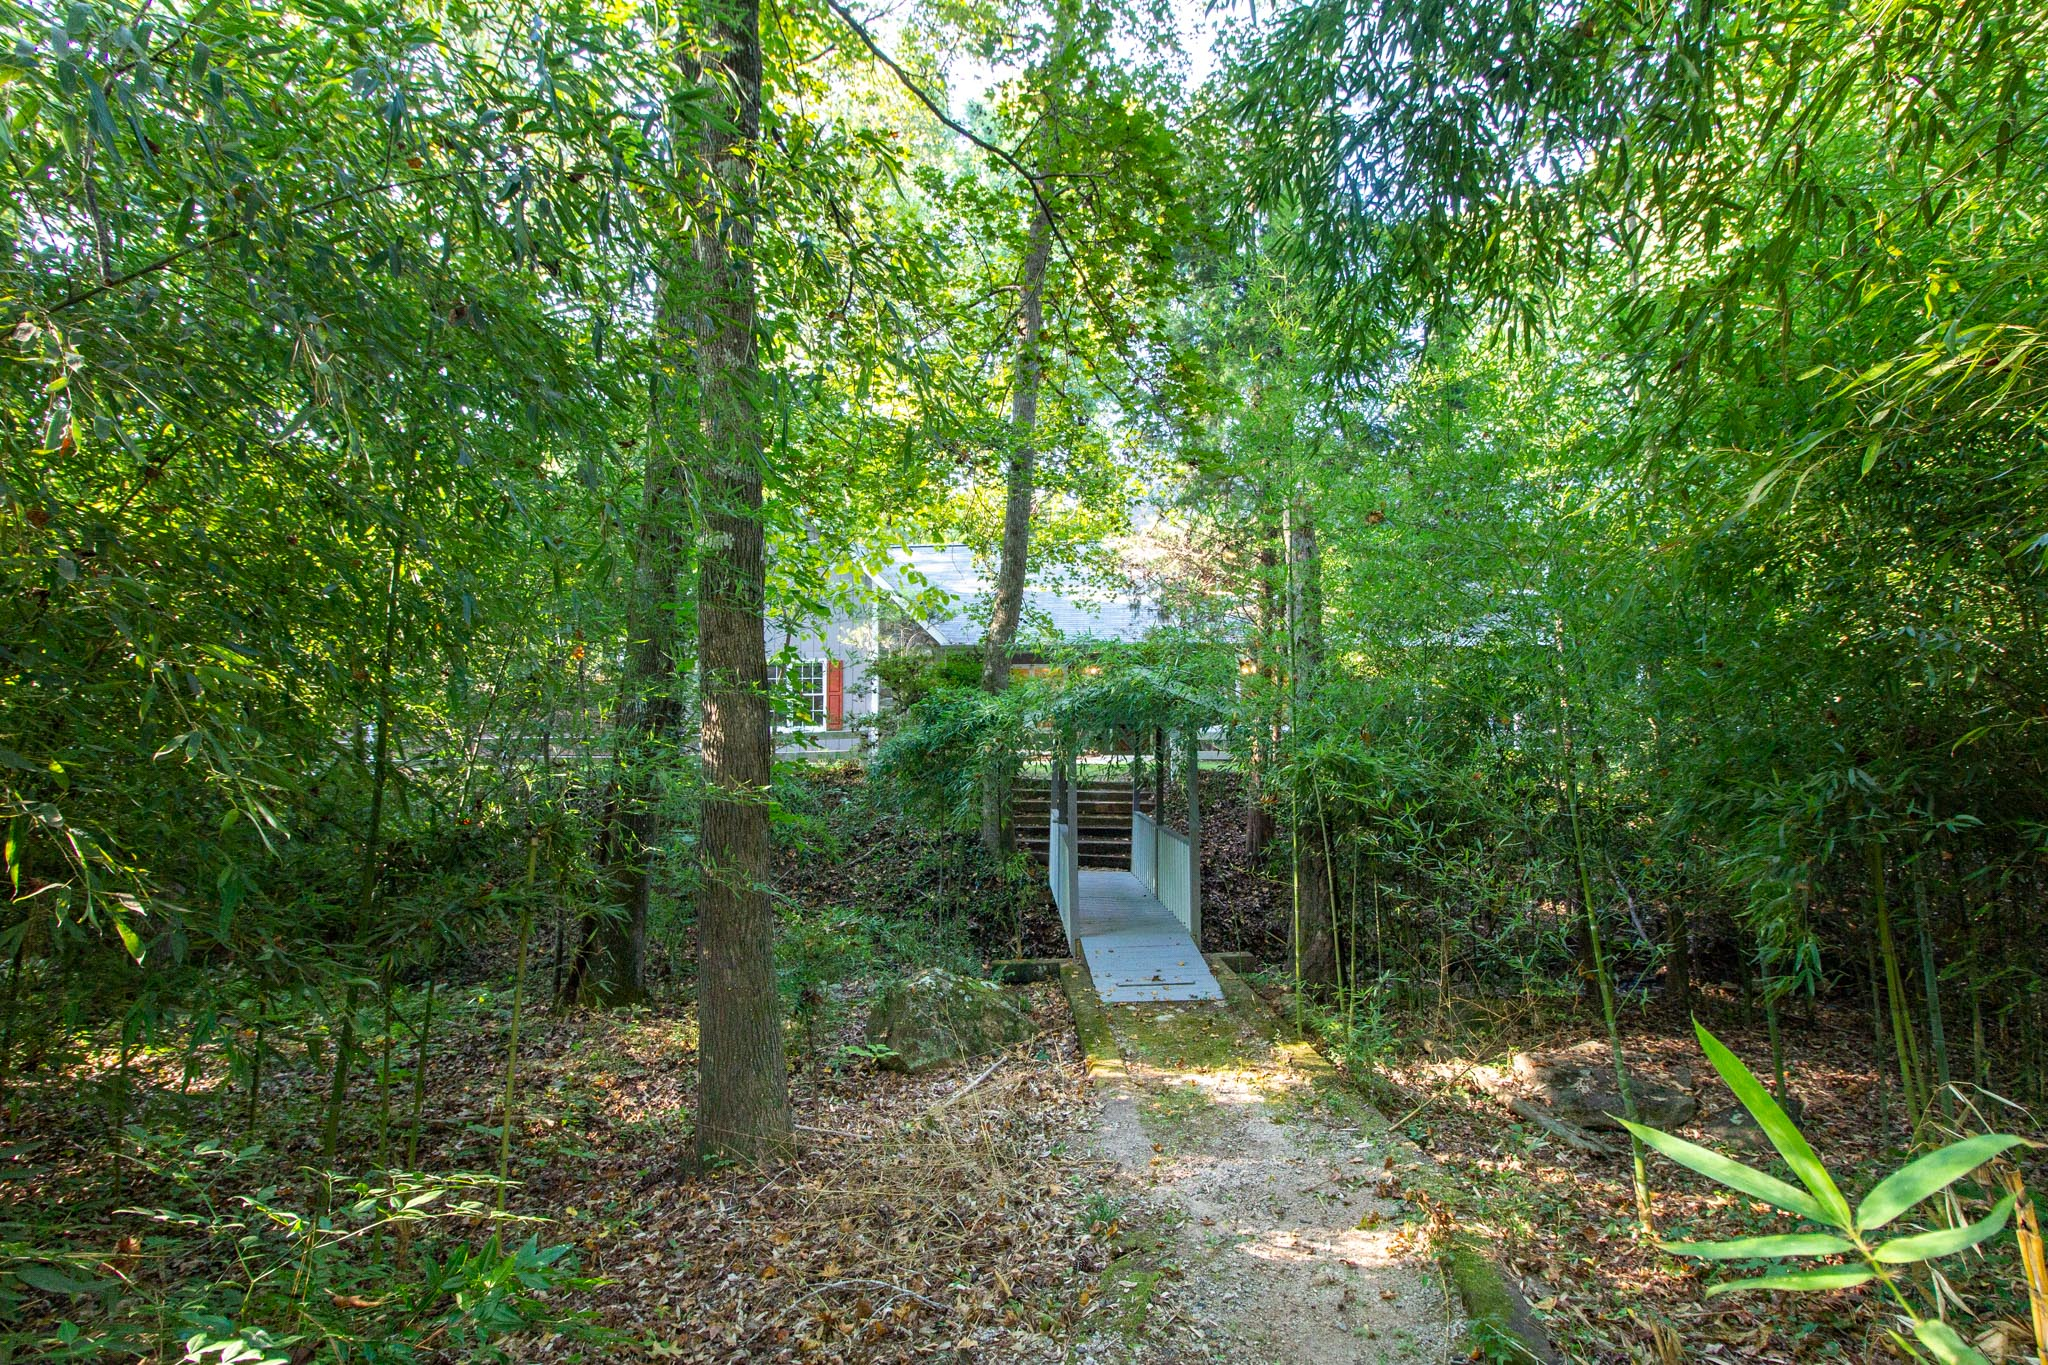 305 Ashland Trail 51 of 58.jpg